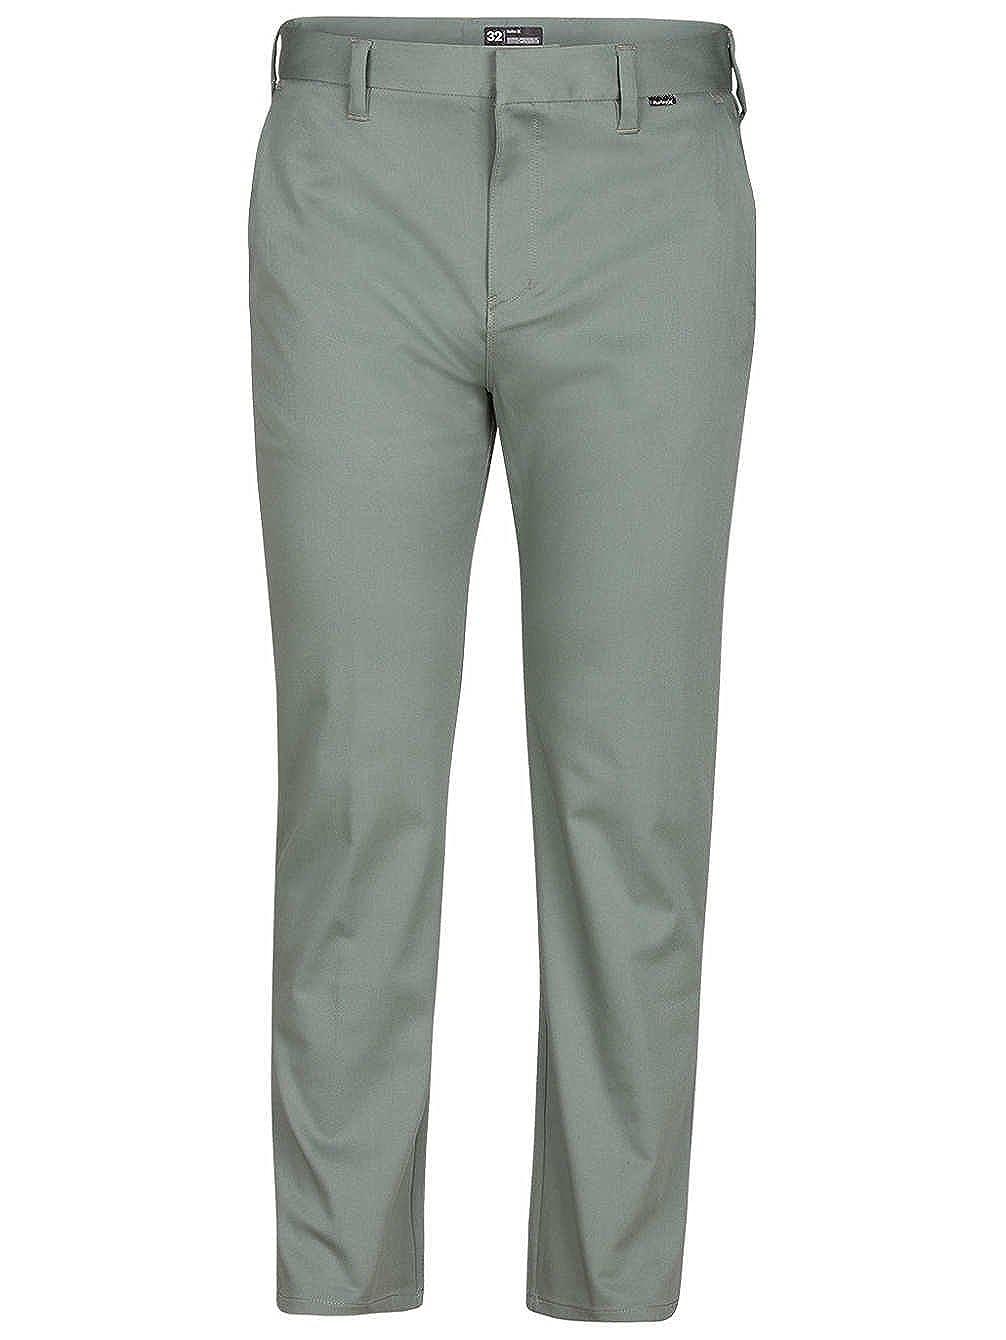 Pants Men Hurley Dri-Fit Transistor Pants